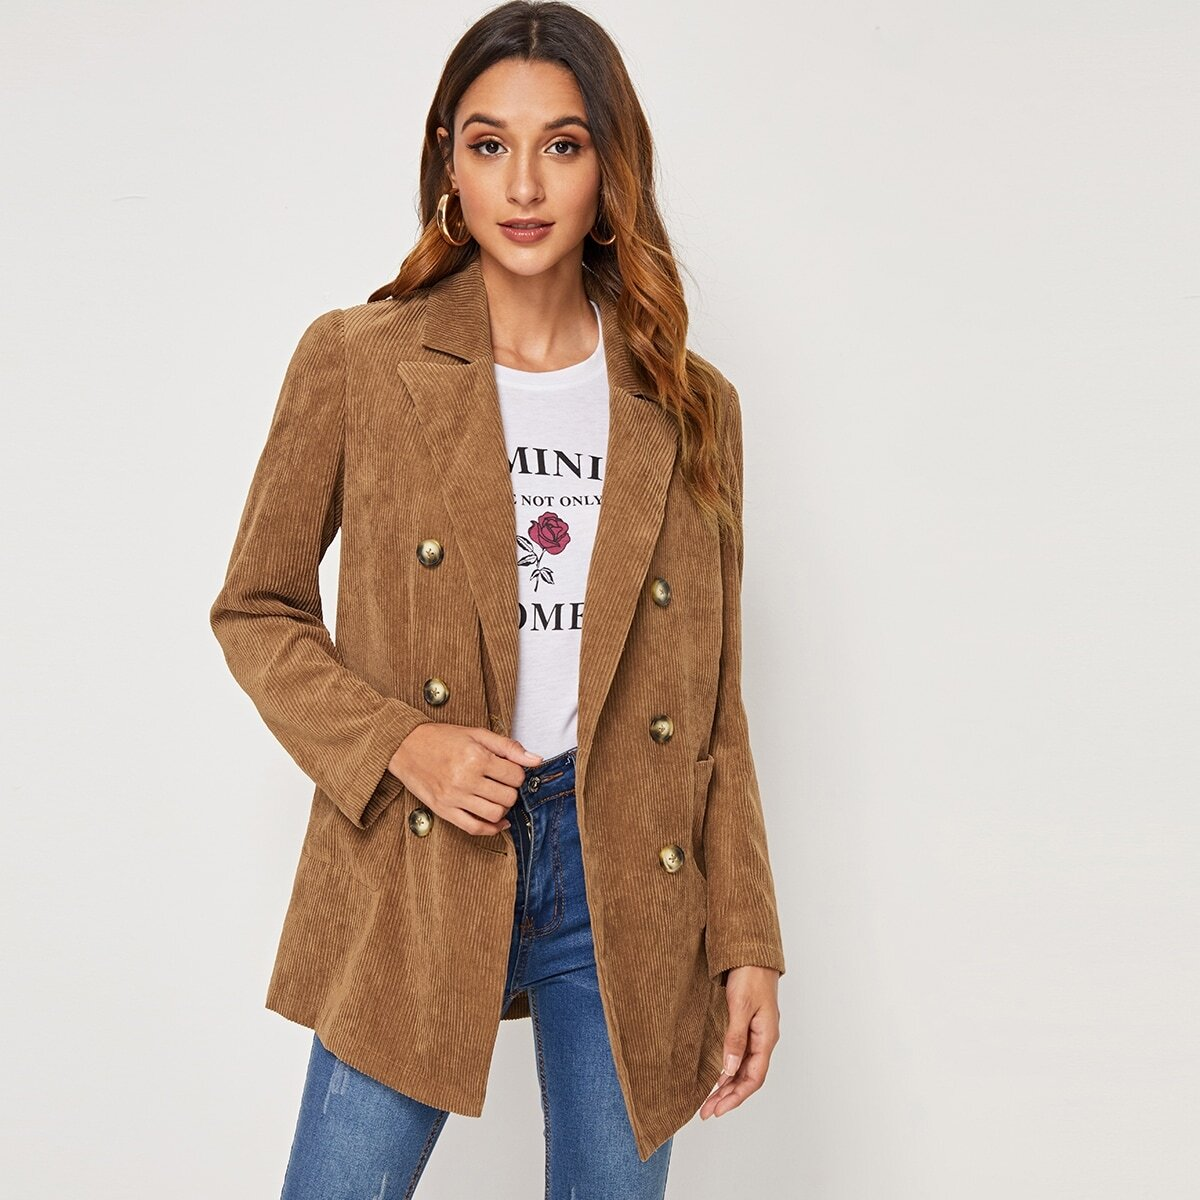 Mantel mit eingekerbtem Ausschnitt und Zweireihig